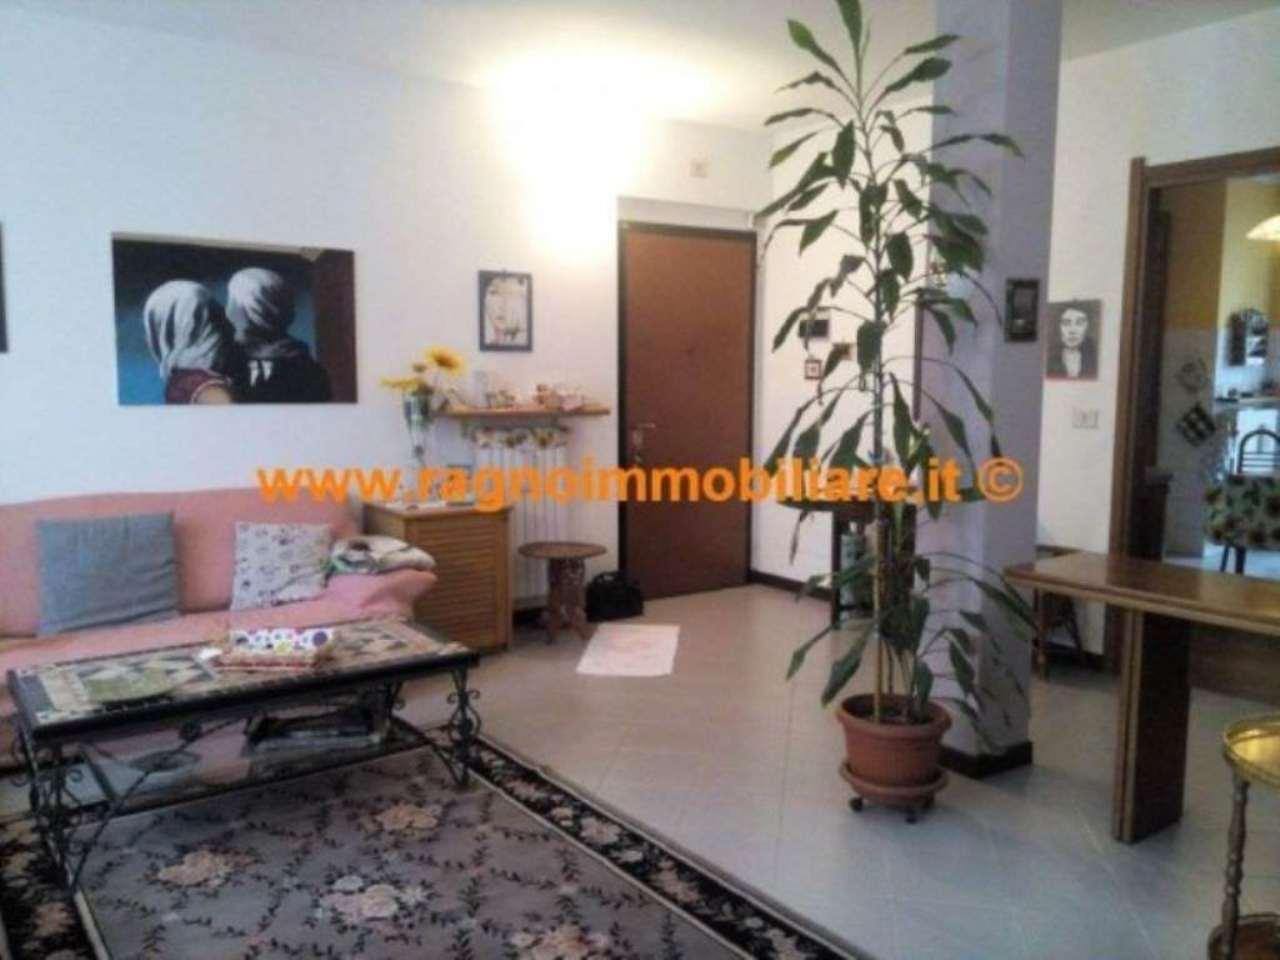 Appartamento in vendita a Casarile, 3 locali, prezzo € 190.000 | Cambio Casa.it